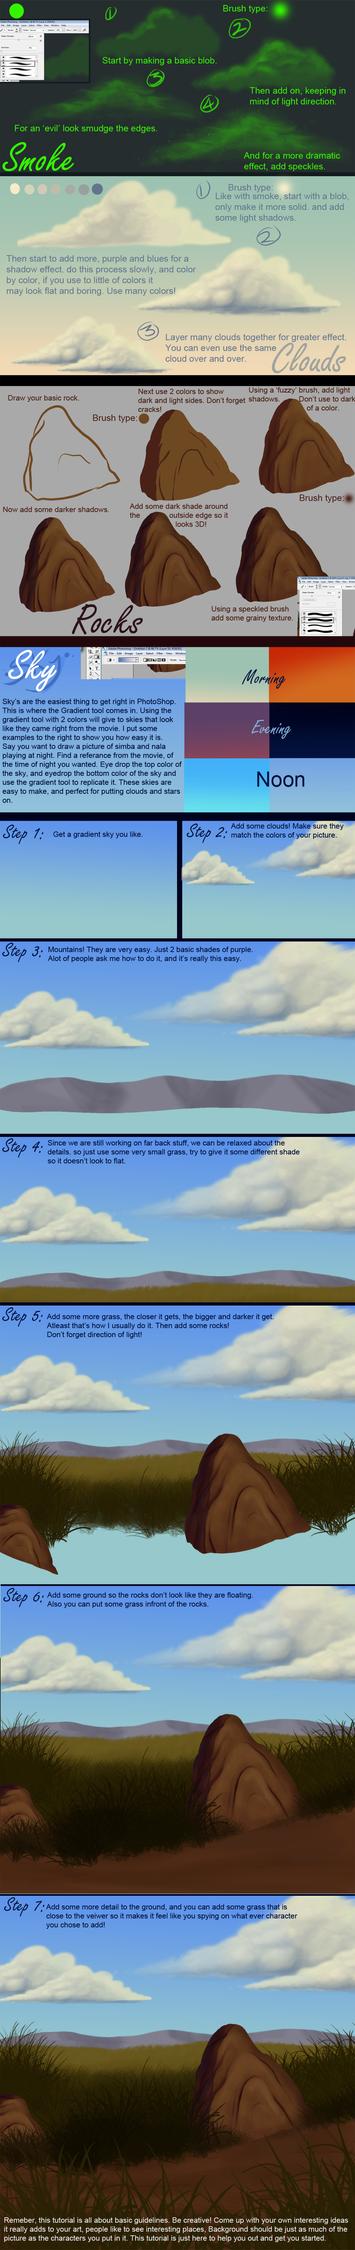 Giant Background Tutorial by DJCoulzAnimalsOnly